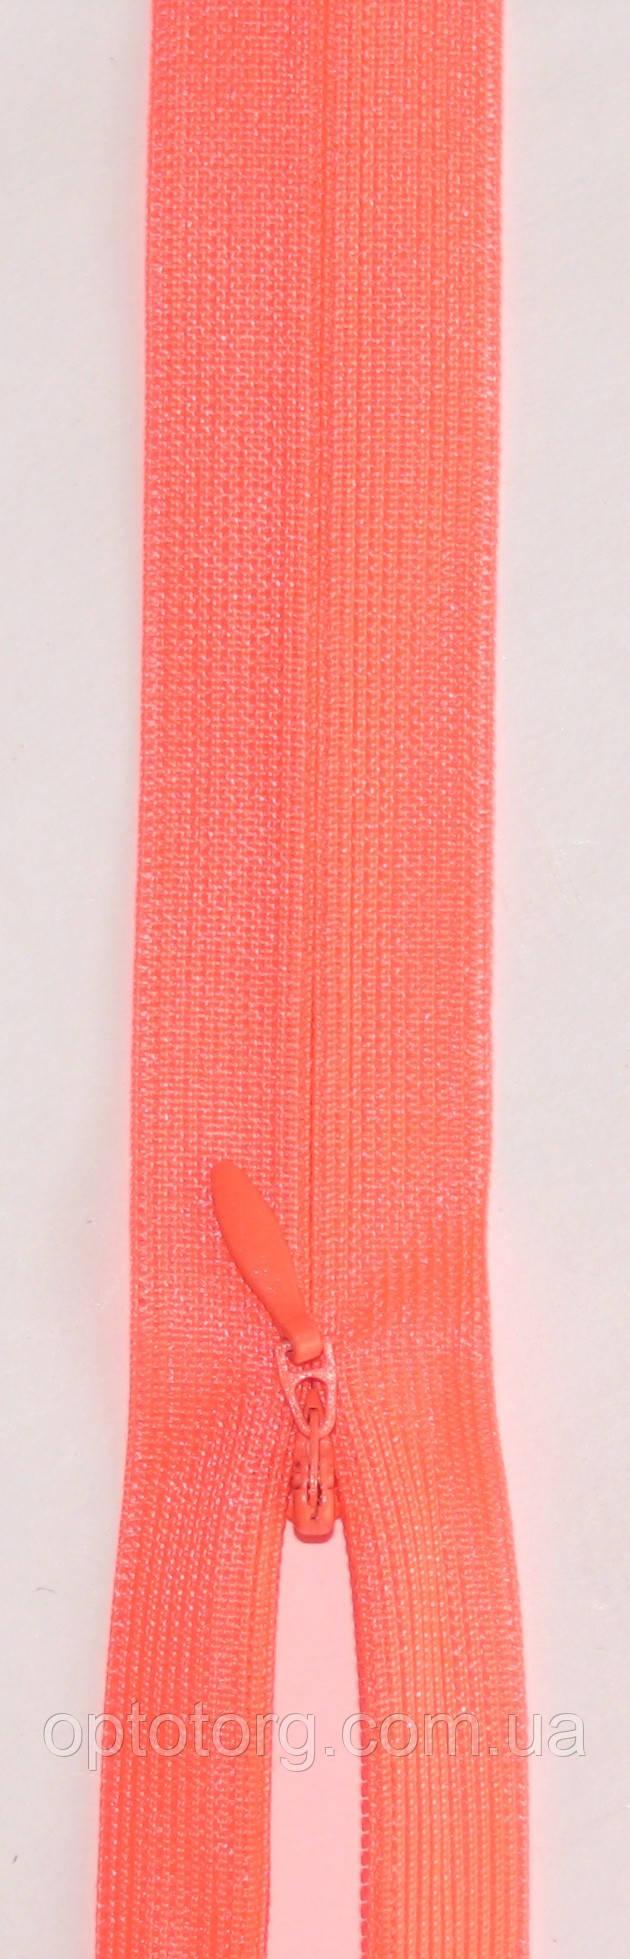 Потайная неразъёмная молния ультра розовый одинарная длина 50см оптом от optotorg.com.ua